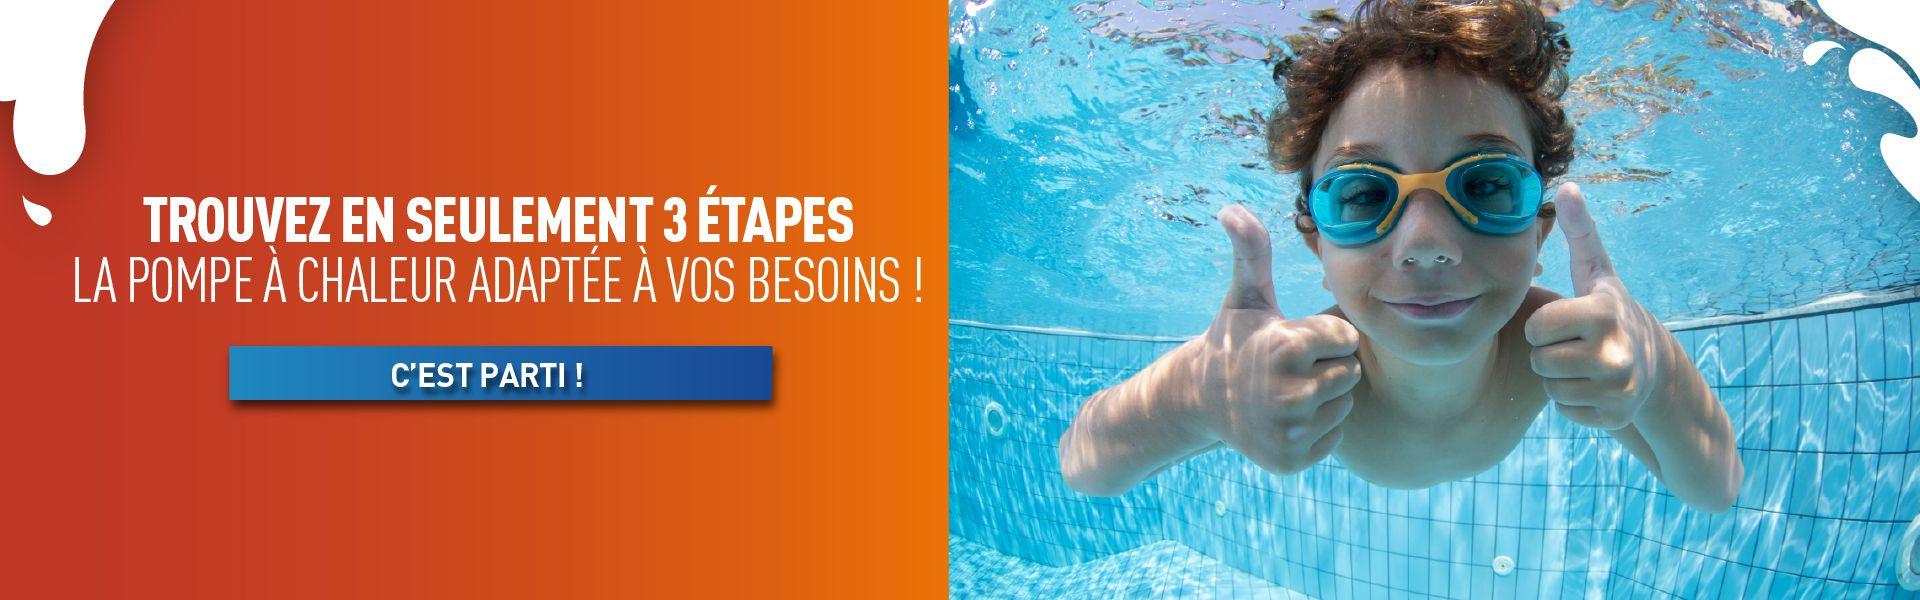 Cash Piscines - Tout Pour La Piscine & Spas Gonflables ... encequiconcerne Cash Piscine Manosque